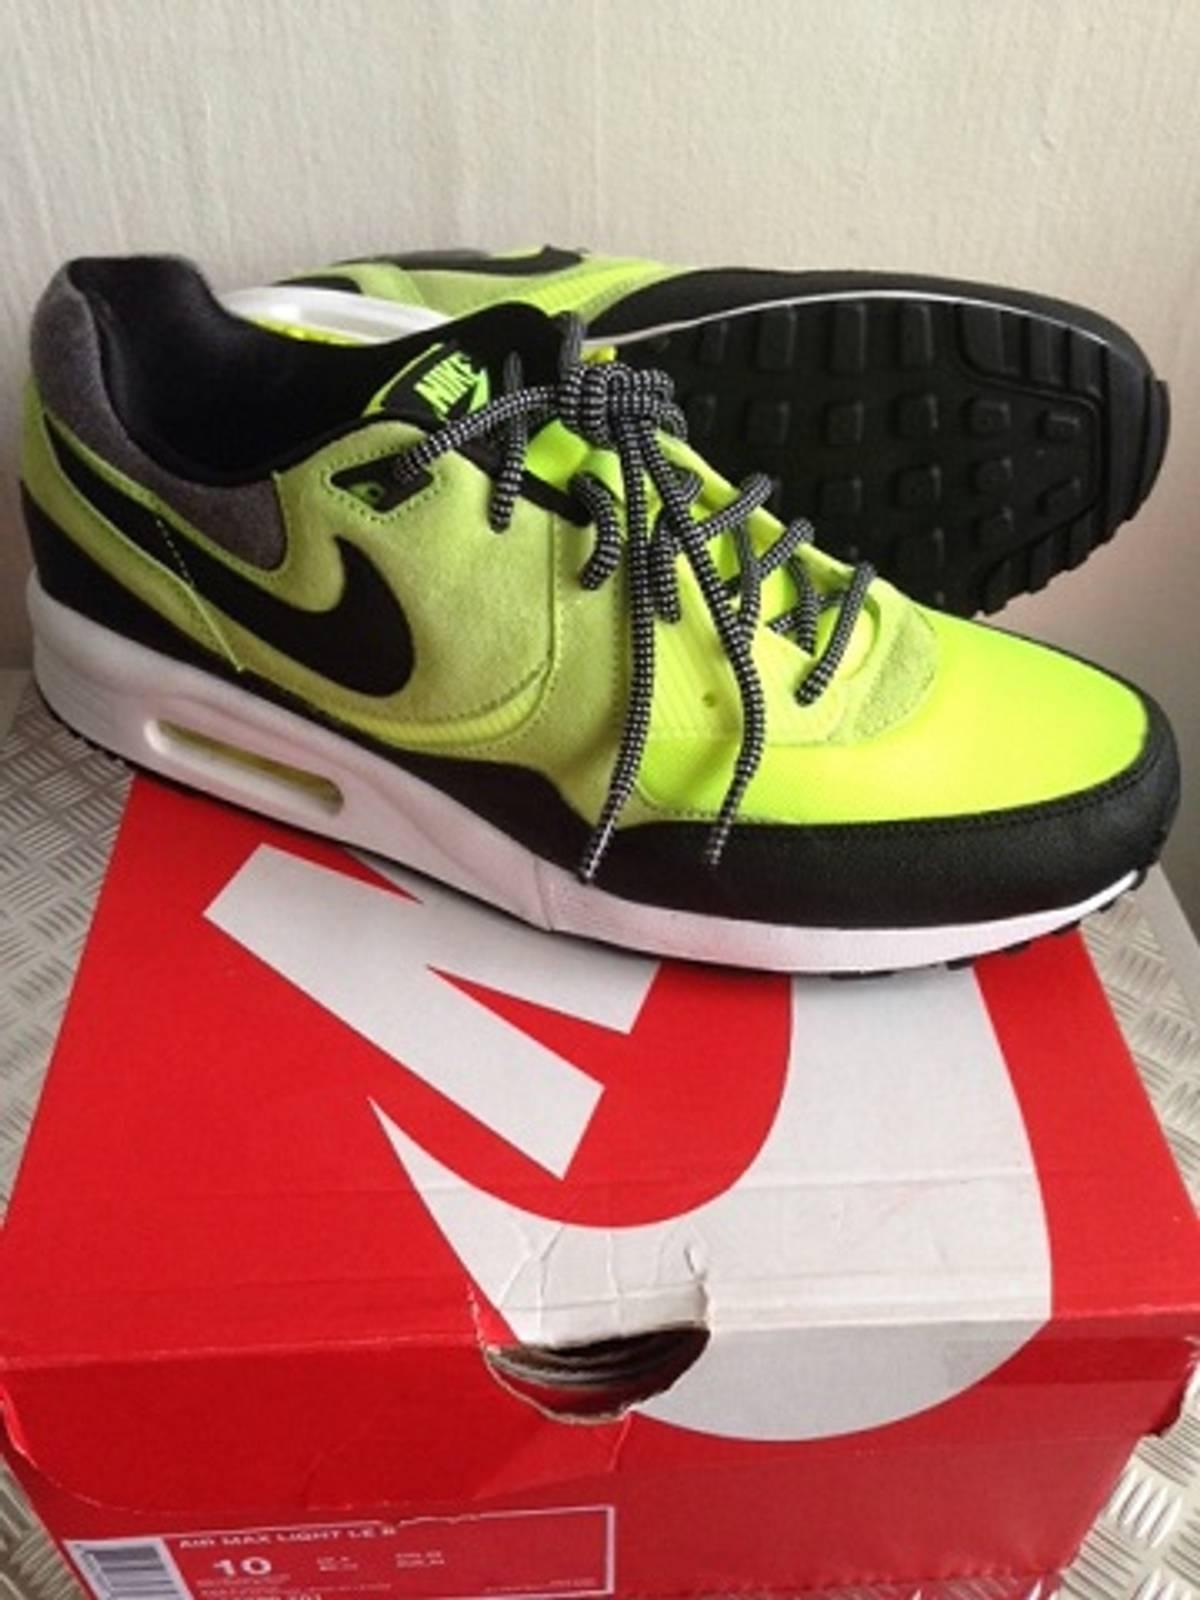 e3def6152044 ... Nike air max light Nike air max Light quotEndurancequotPremium SIZE .